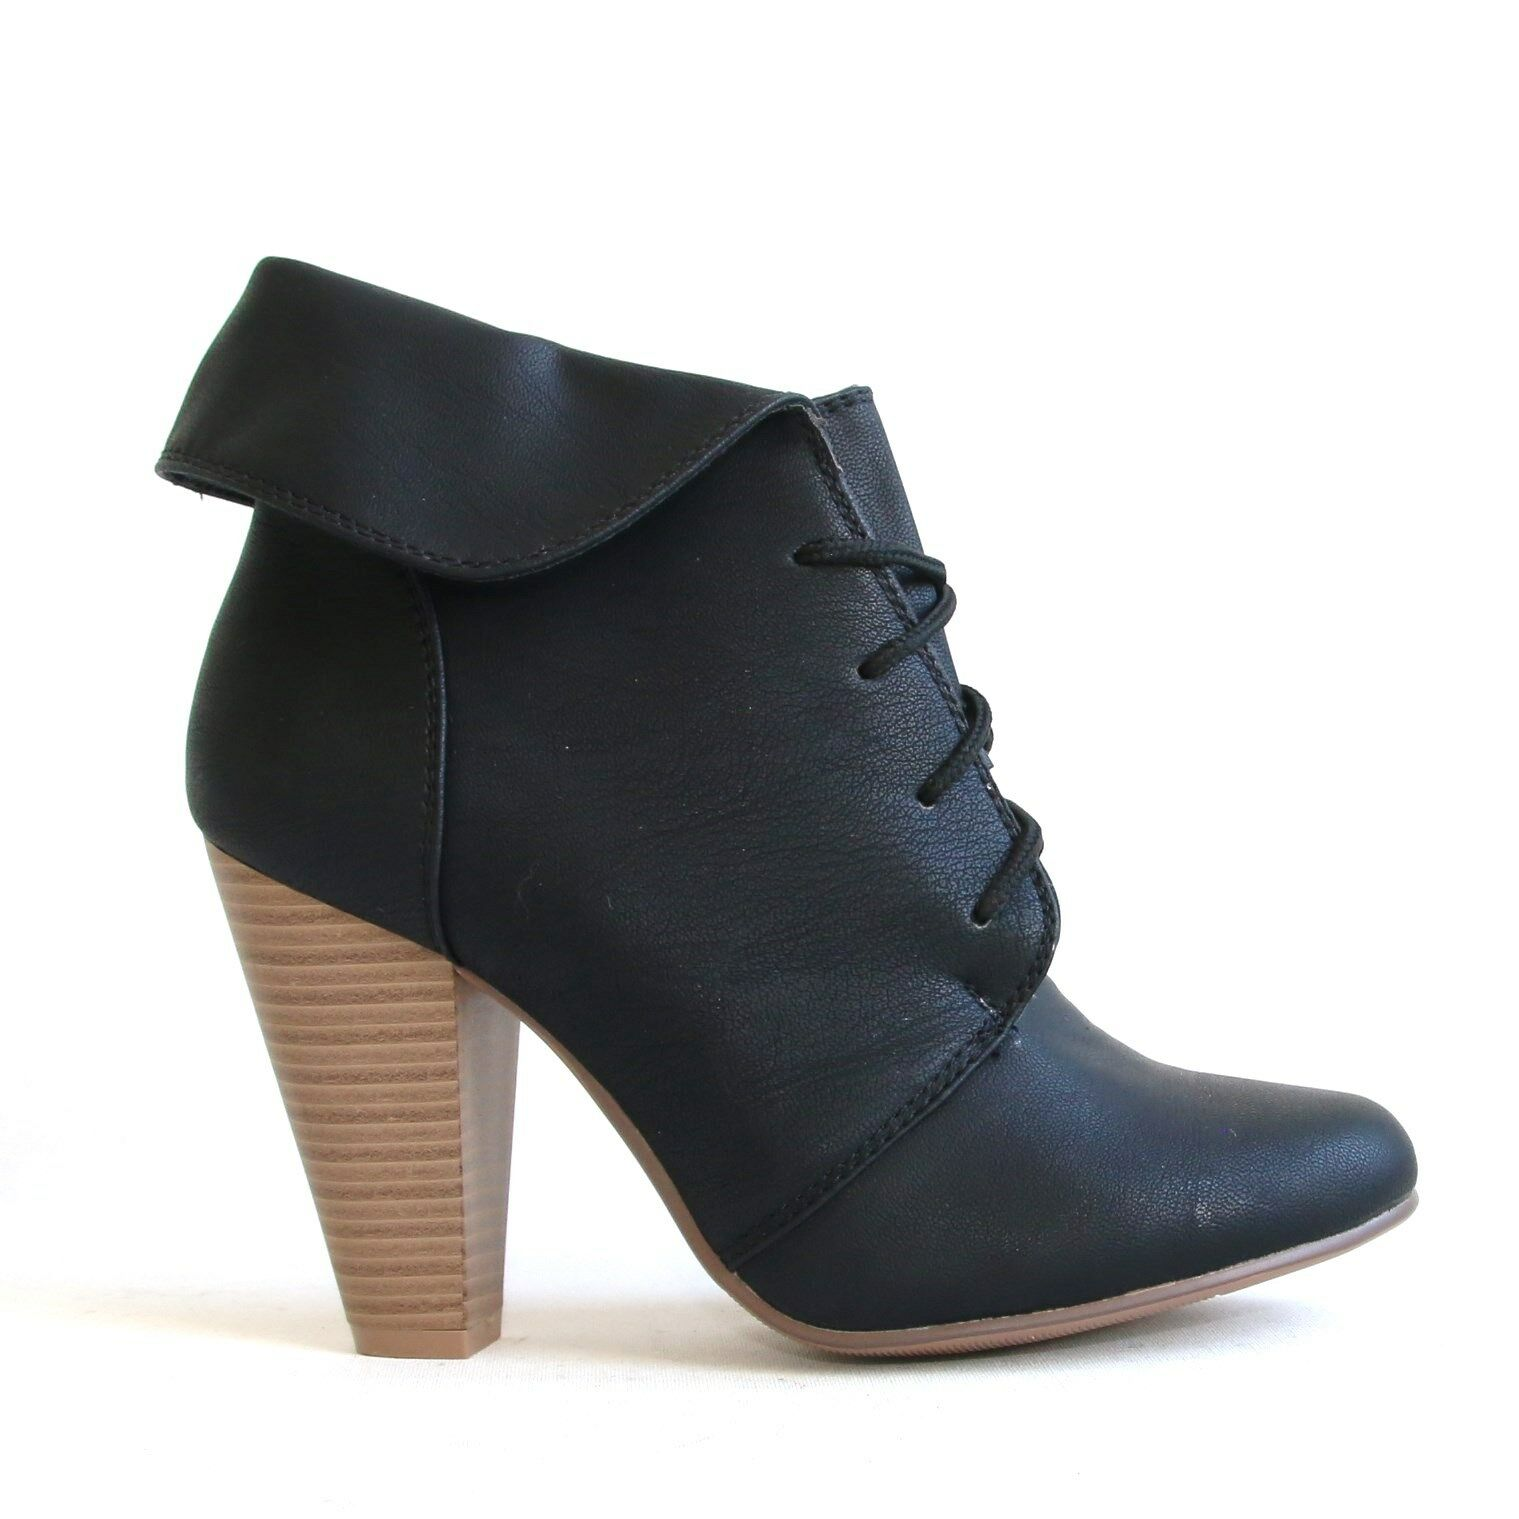 Stiefeletten Schwarz 38 Damenschuhe Halbschuhe Boots Pumps High heels  9639A-